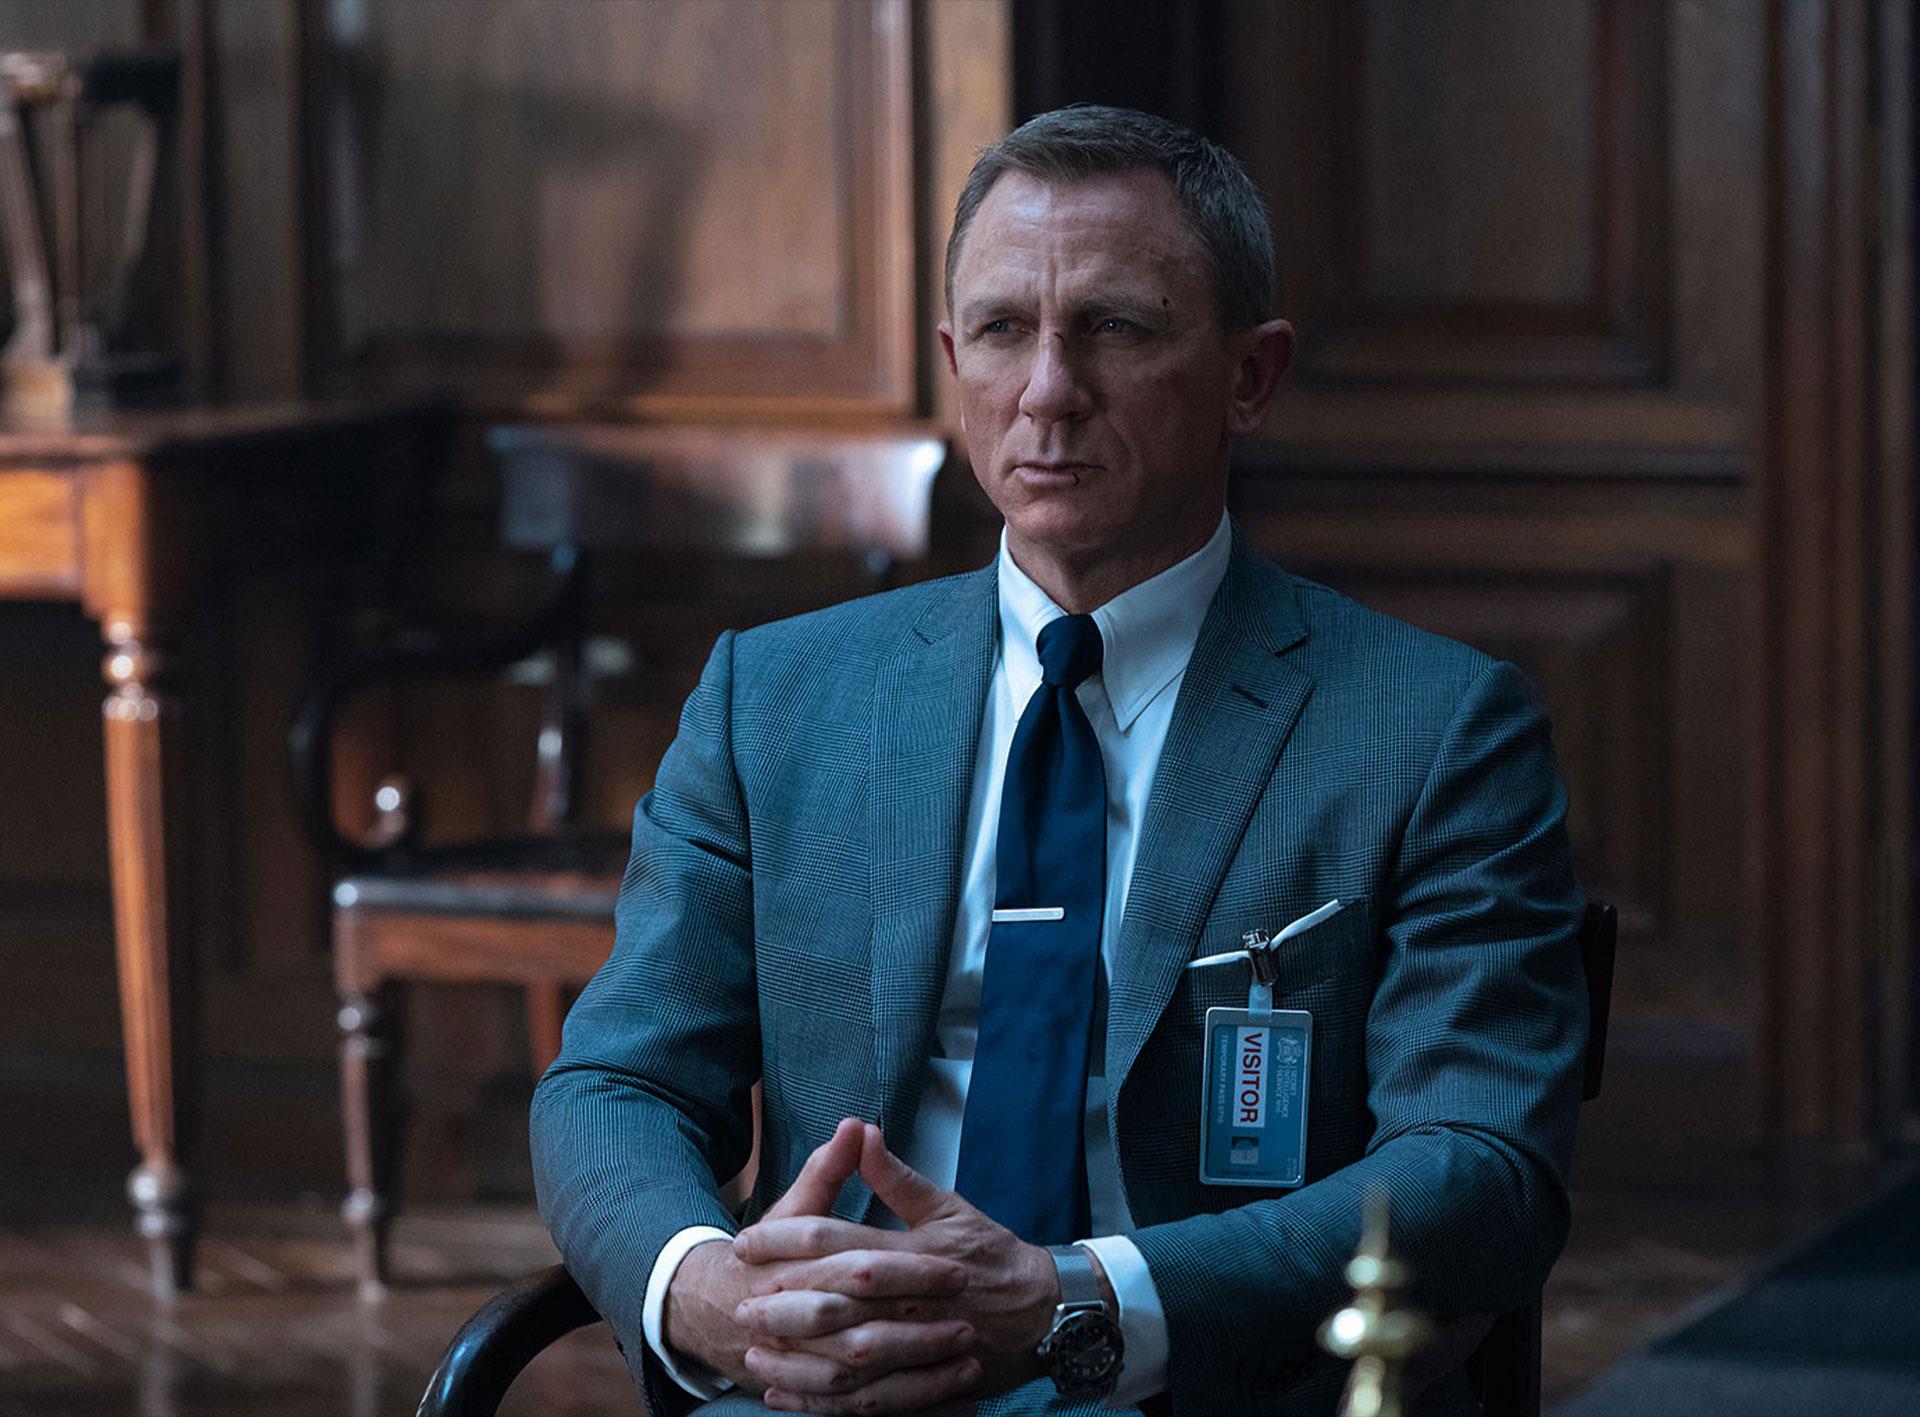 No Time to Die Tom Ford ties - Daniel Craig